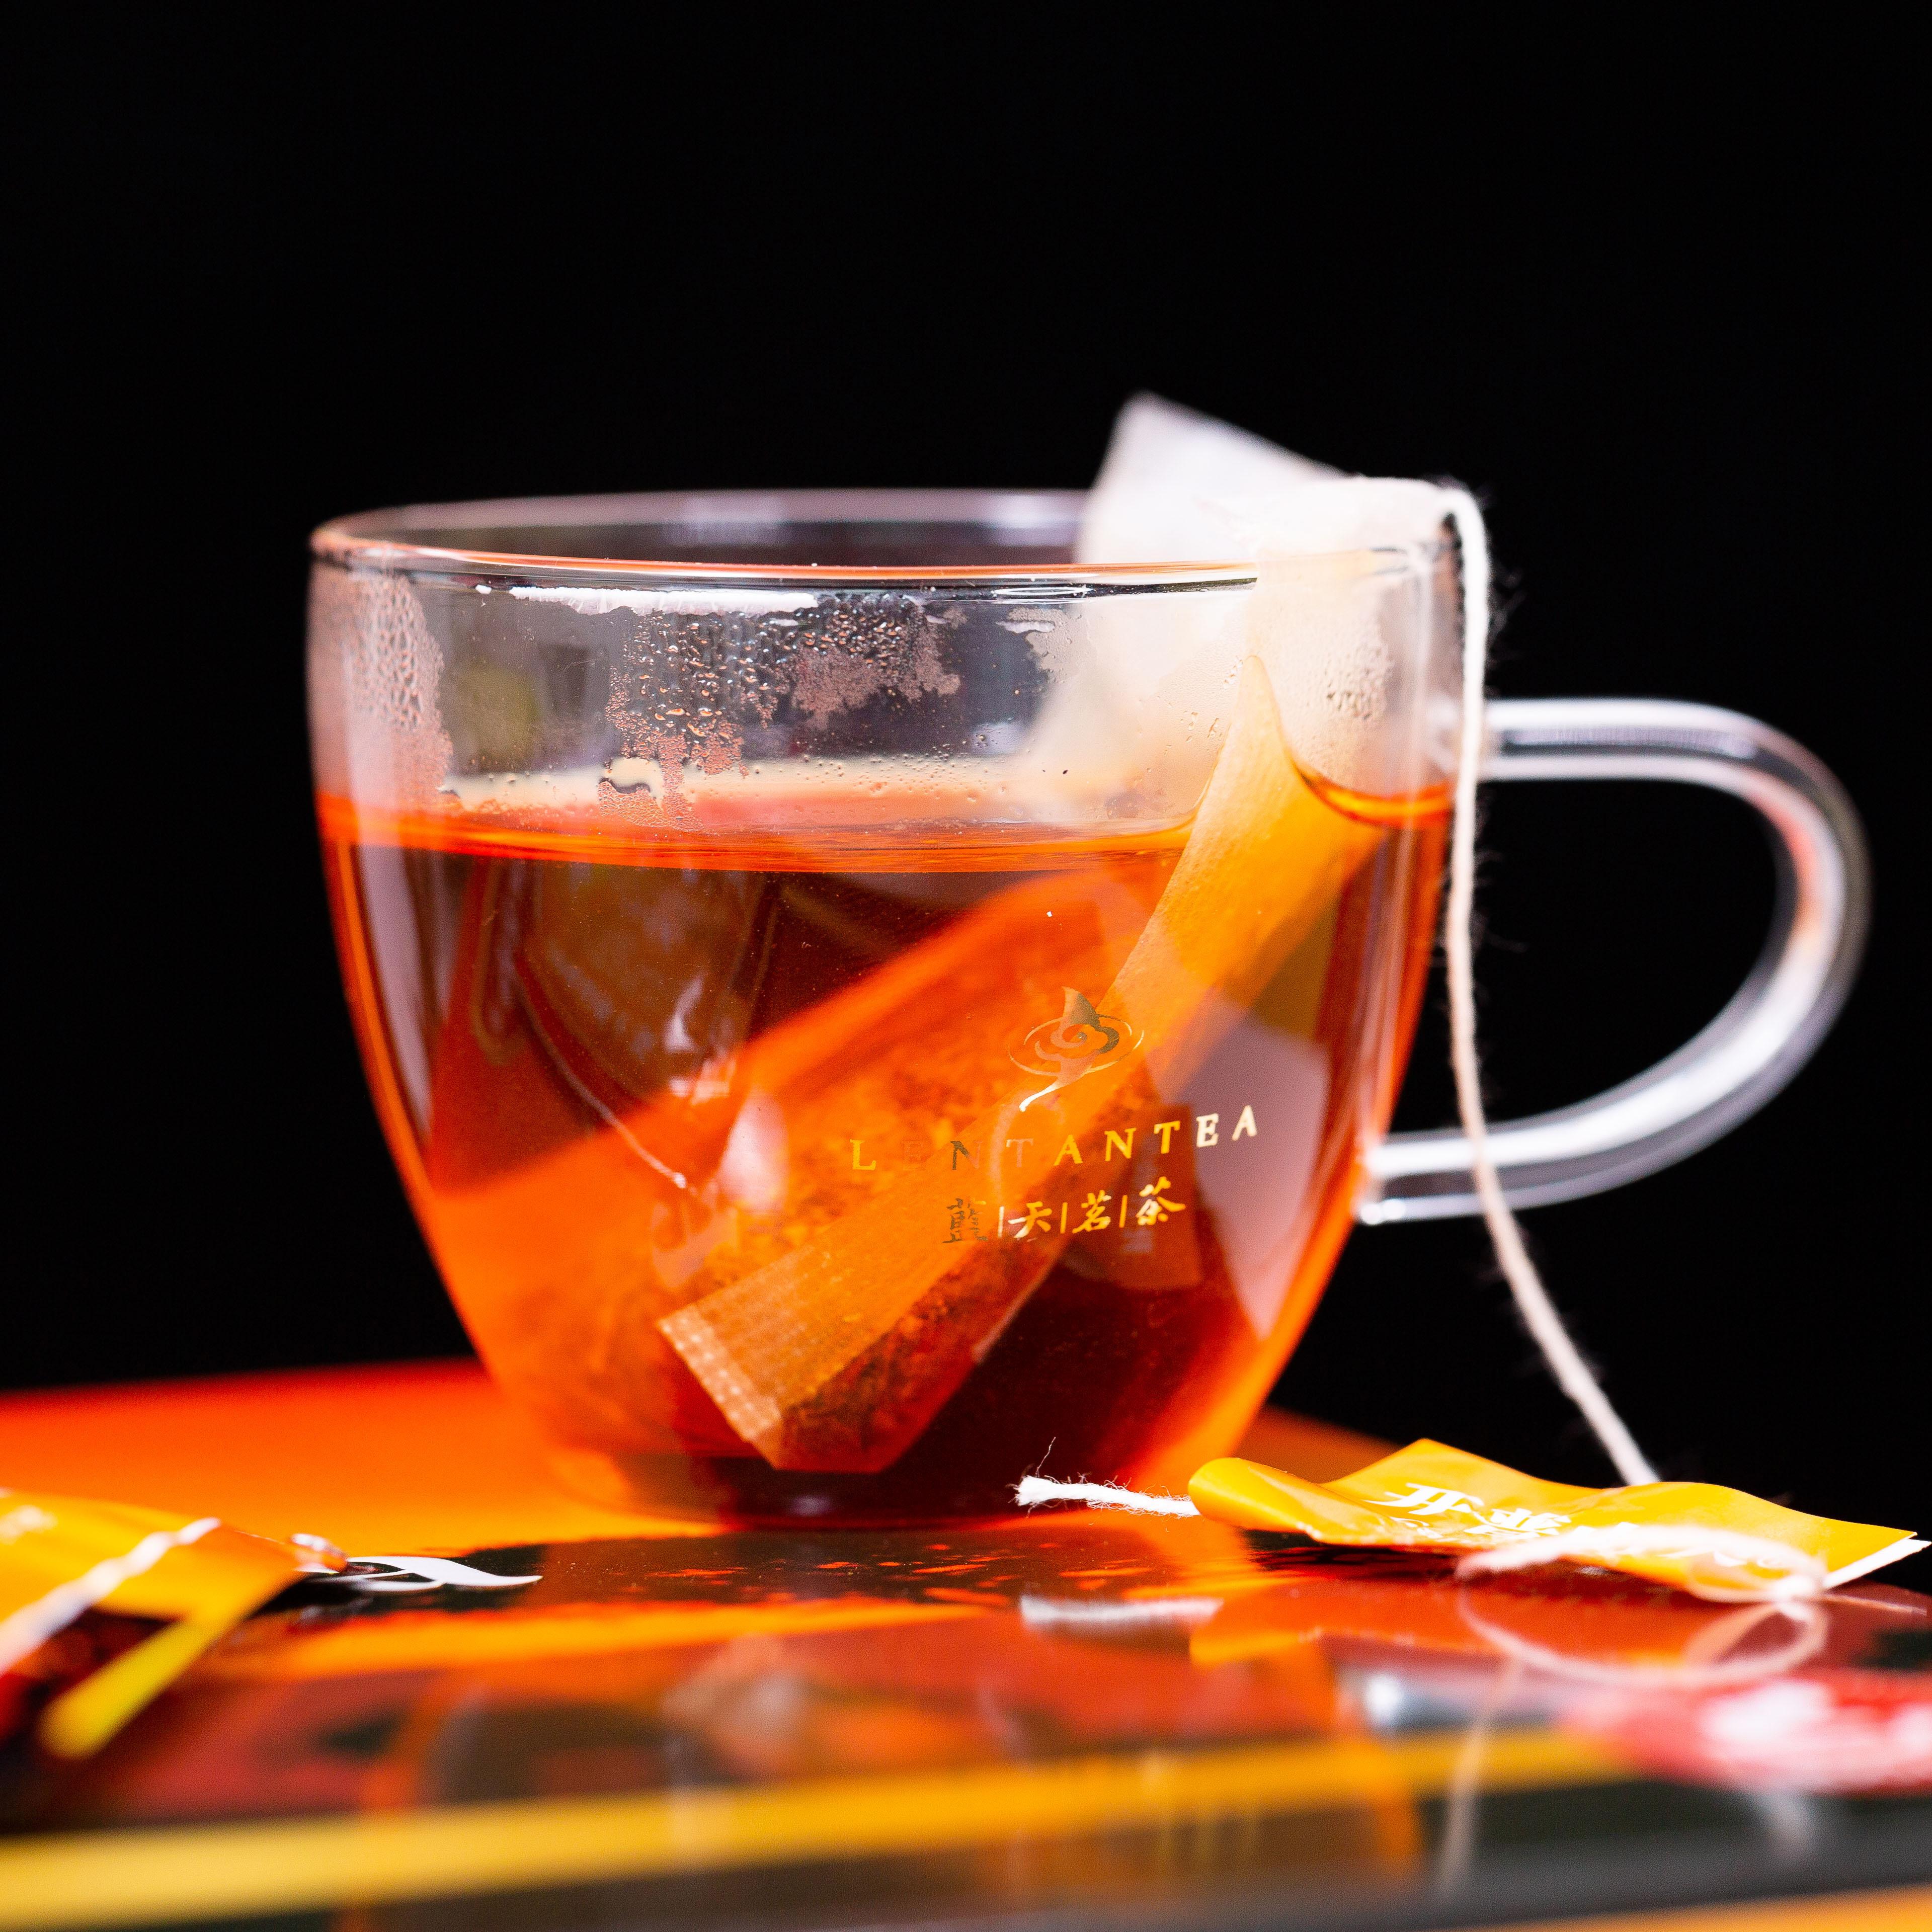 「可以喝的神仙水」开普山谷南非博士茶 Rooibos路易波士国宝红茶无咖啡因 美容养颜  0卡路里 无糖分  孕妇可喝100袋/盒 商品图1